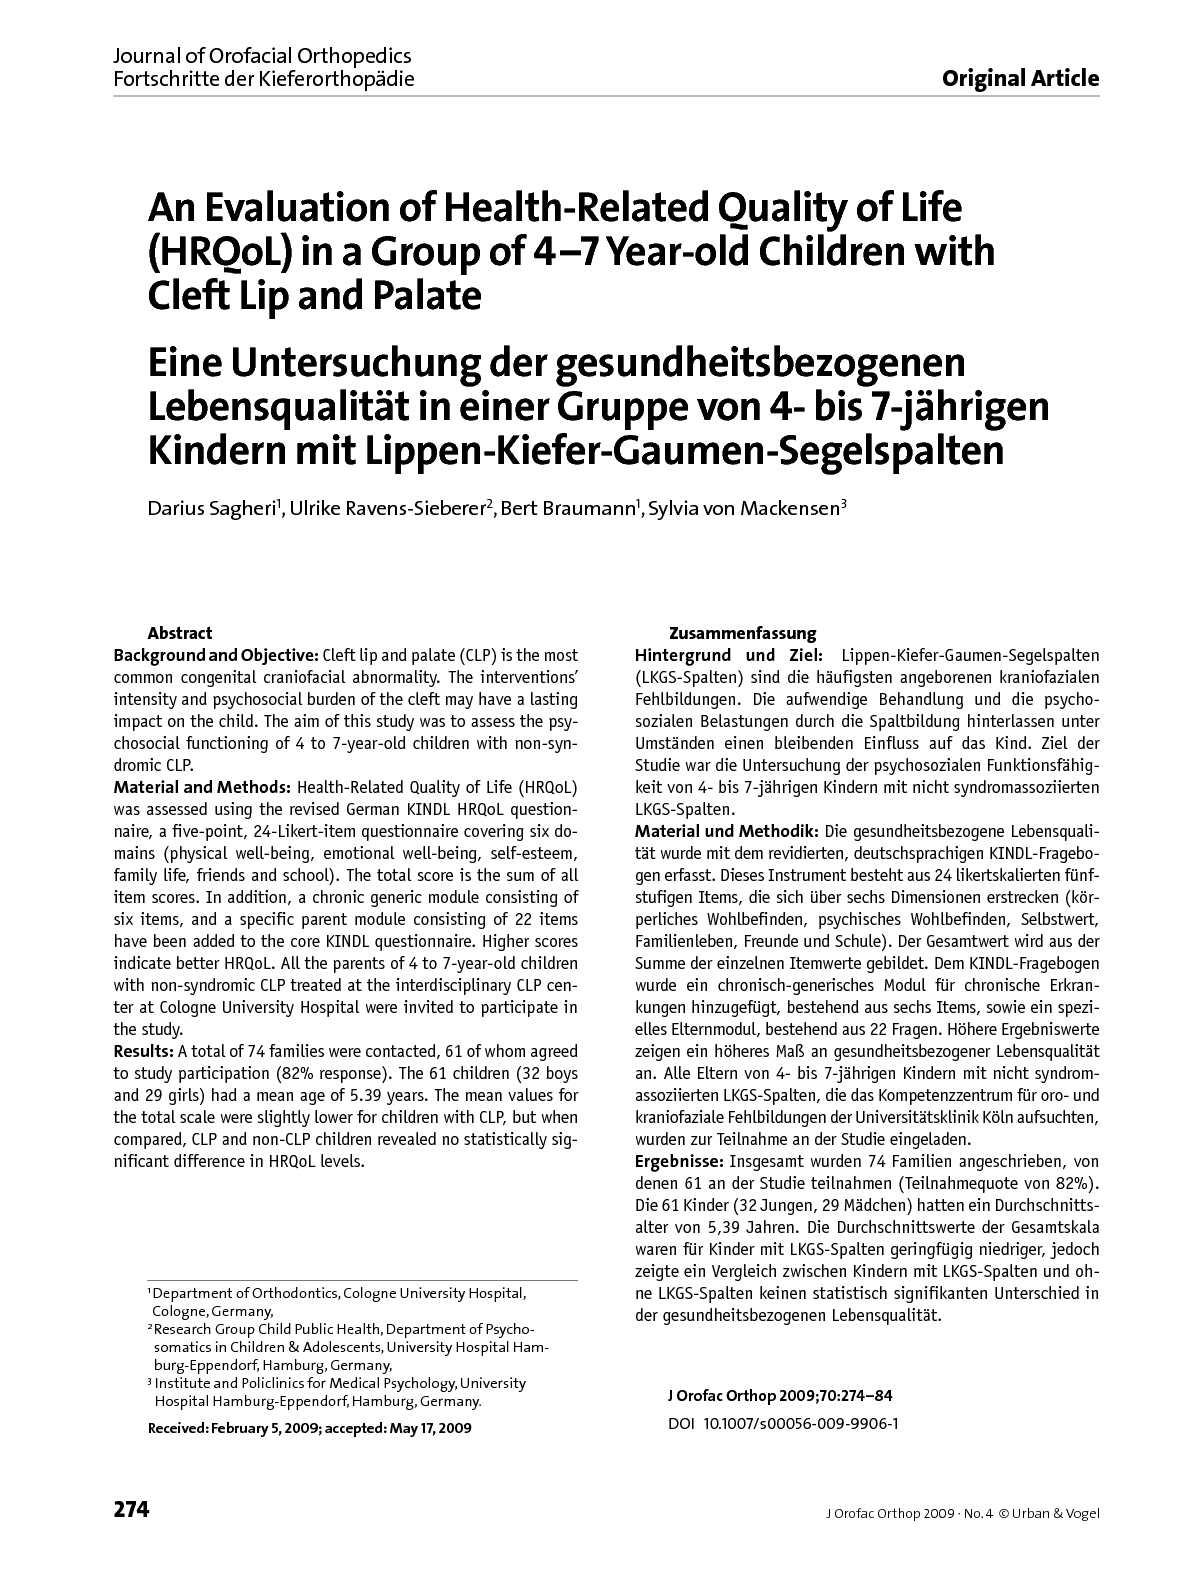 calamo journal of orofacial orthopedics fortschritte der kieferorthopdie vol 70 num 4 jul 2009 - Einverstandniserklarung Fotos Kindergarten Muster